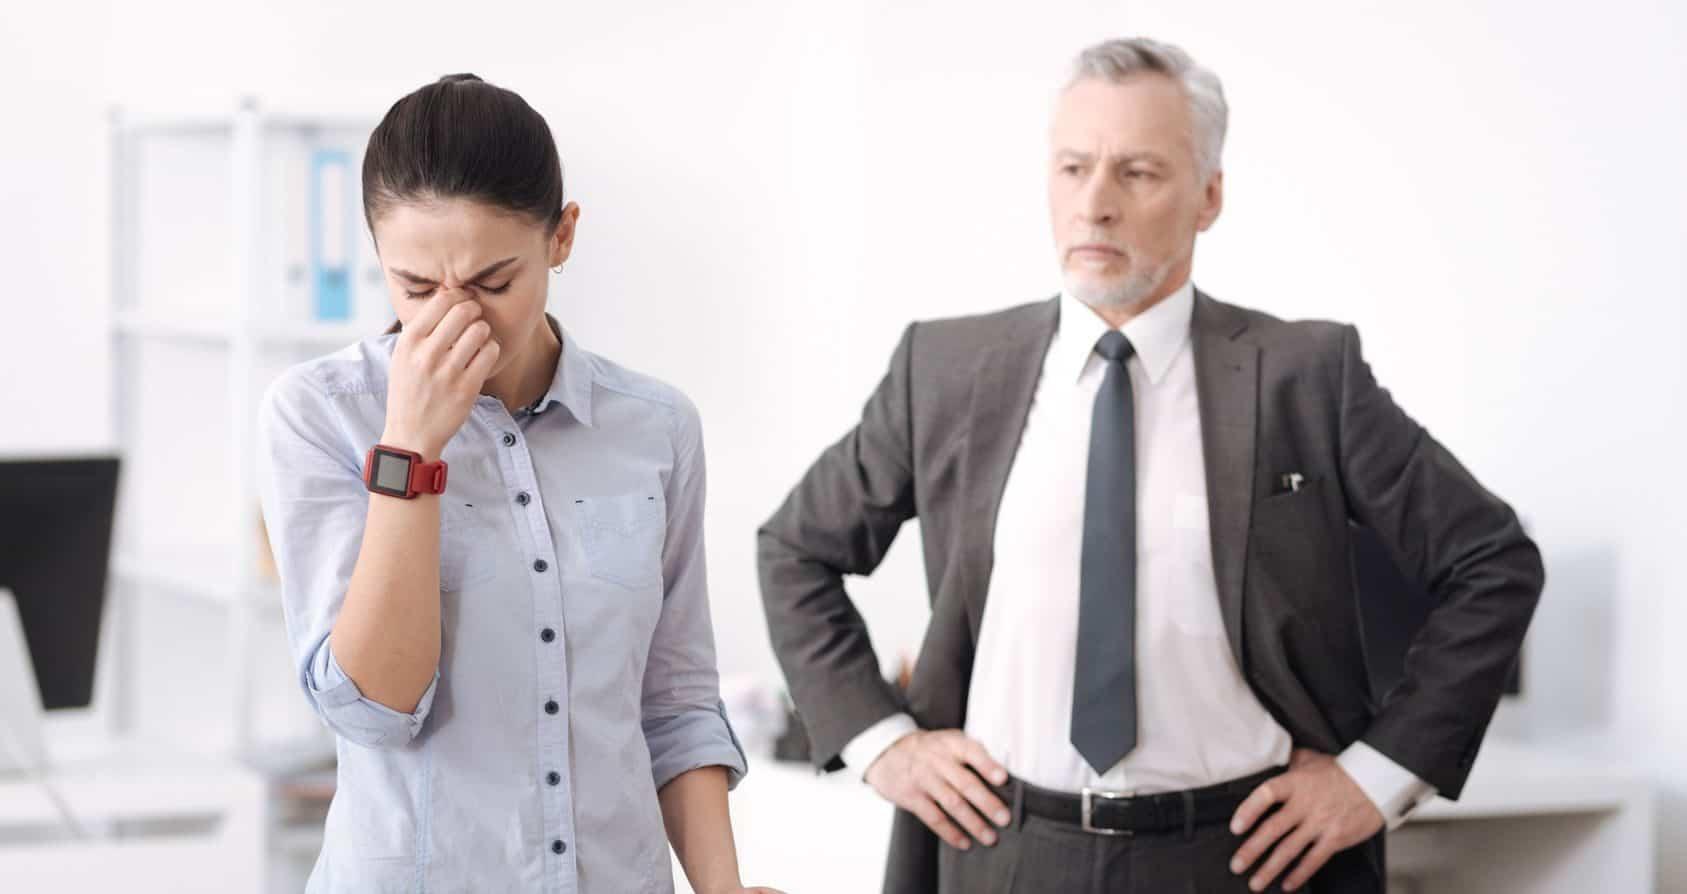 Lęk przed popełnieniem błędu- skąd się bierze i jak z nim walczyć?